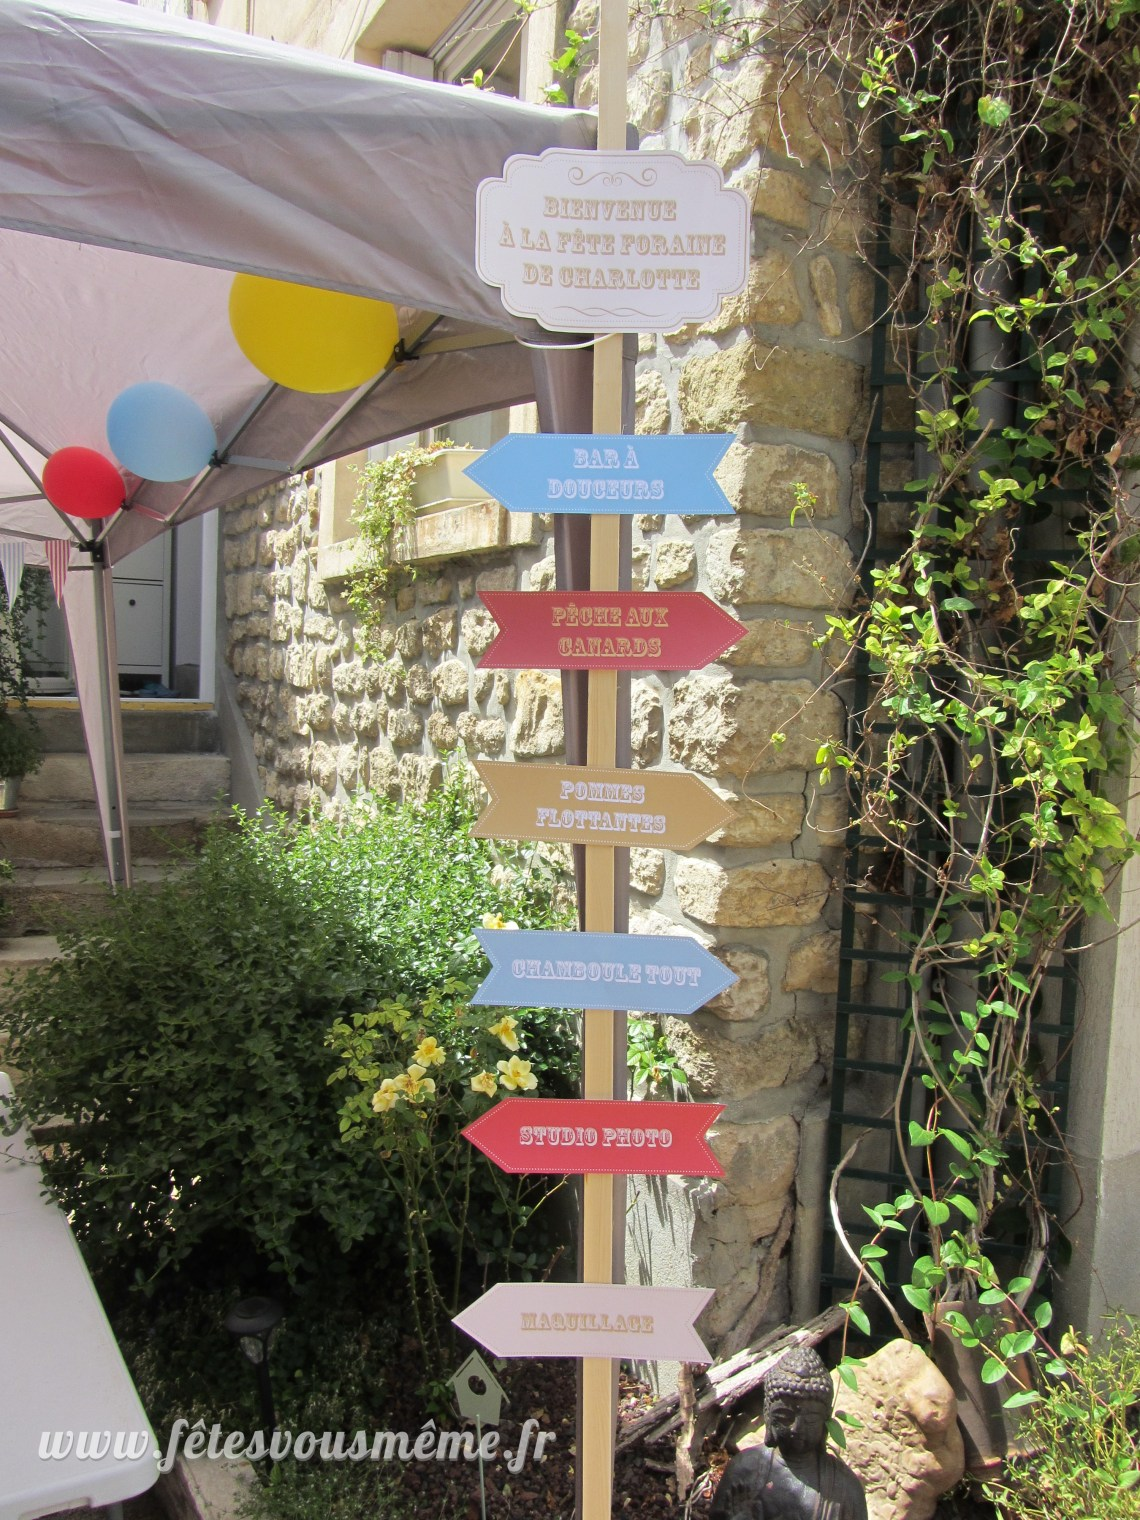 Décoration Fête Foraine - Pancartes fléchées - Fêtes vous même